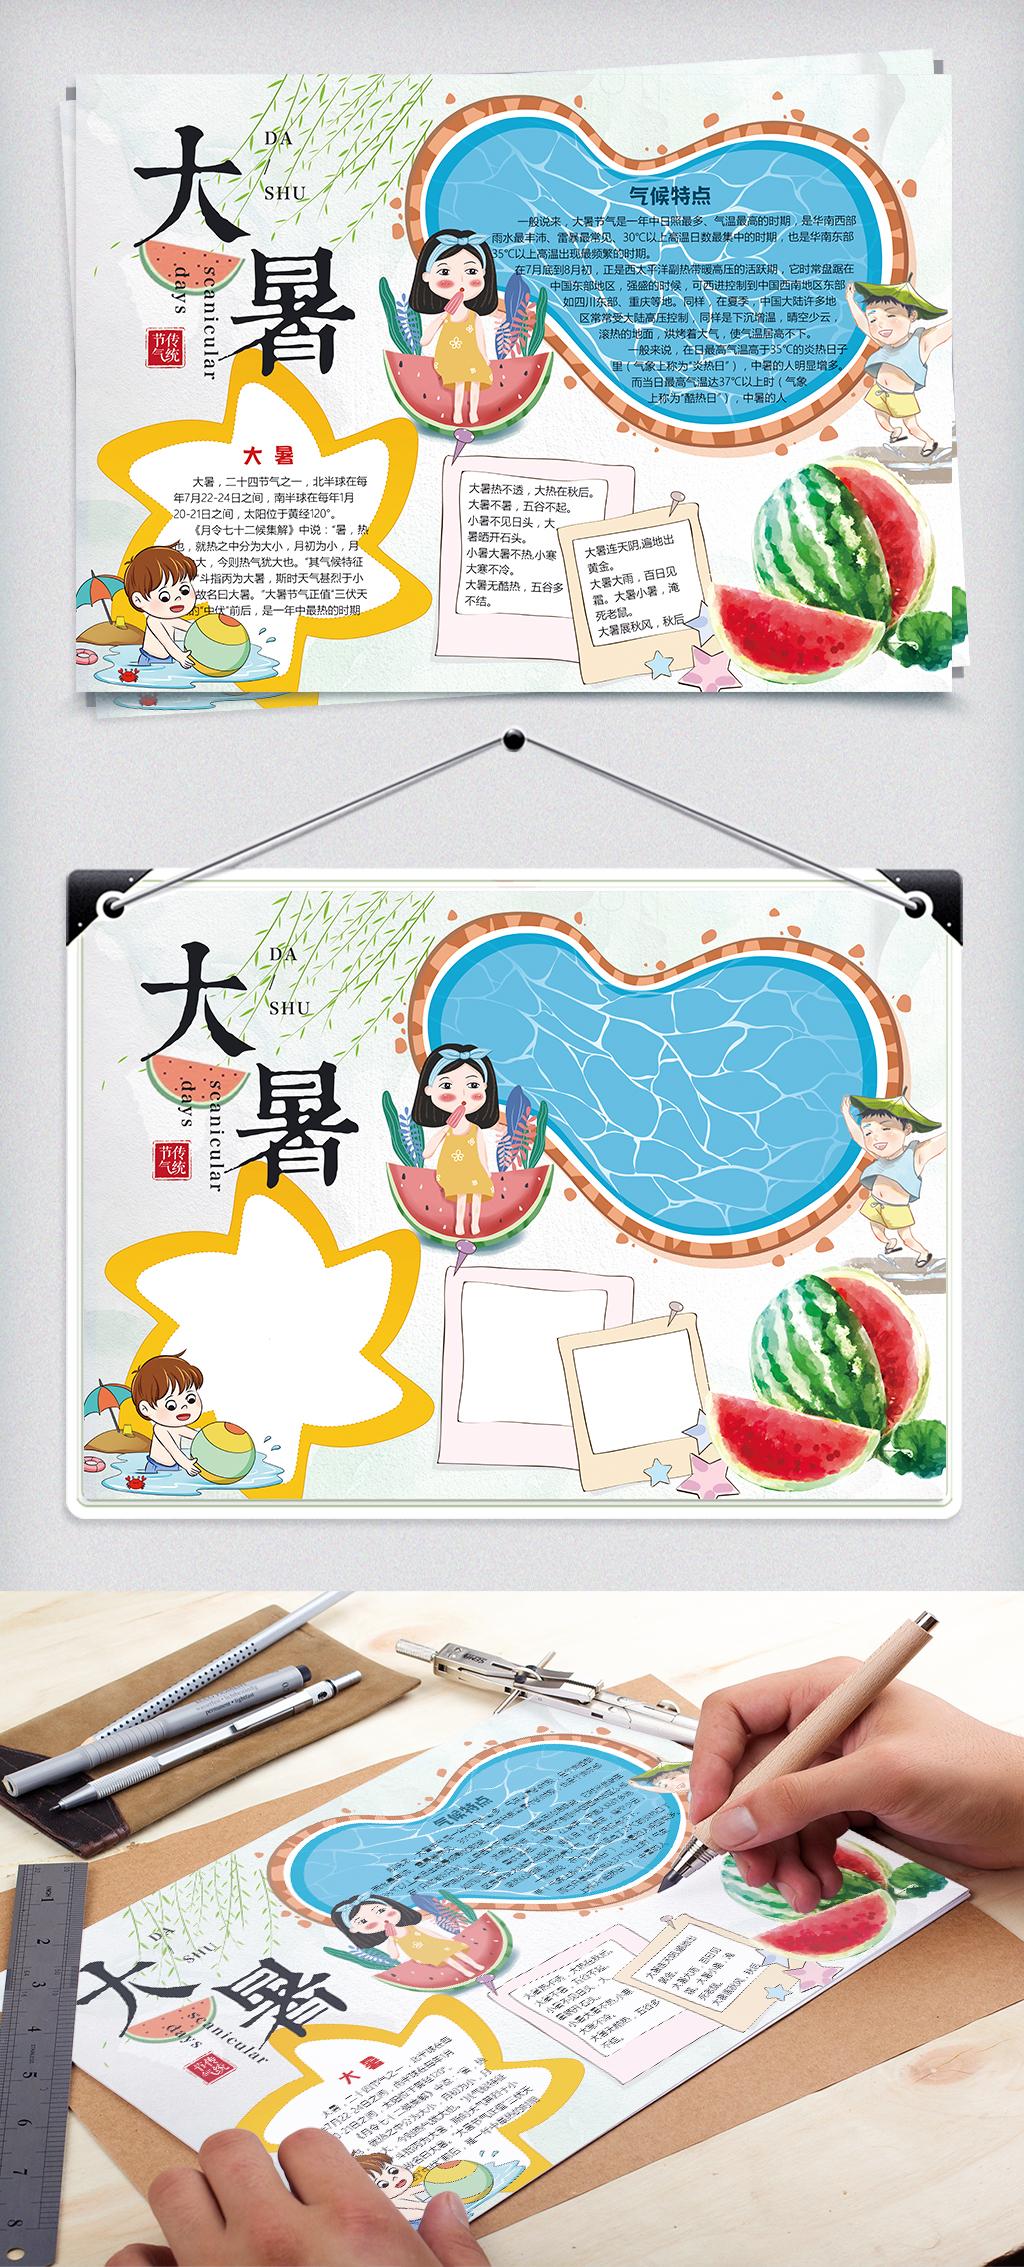 手抄报|小报 节日手抄报 其他 > 大暑小报二十四节气传统文化夏天暑假